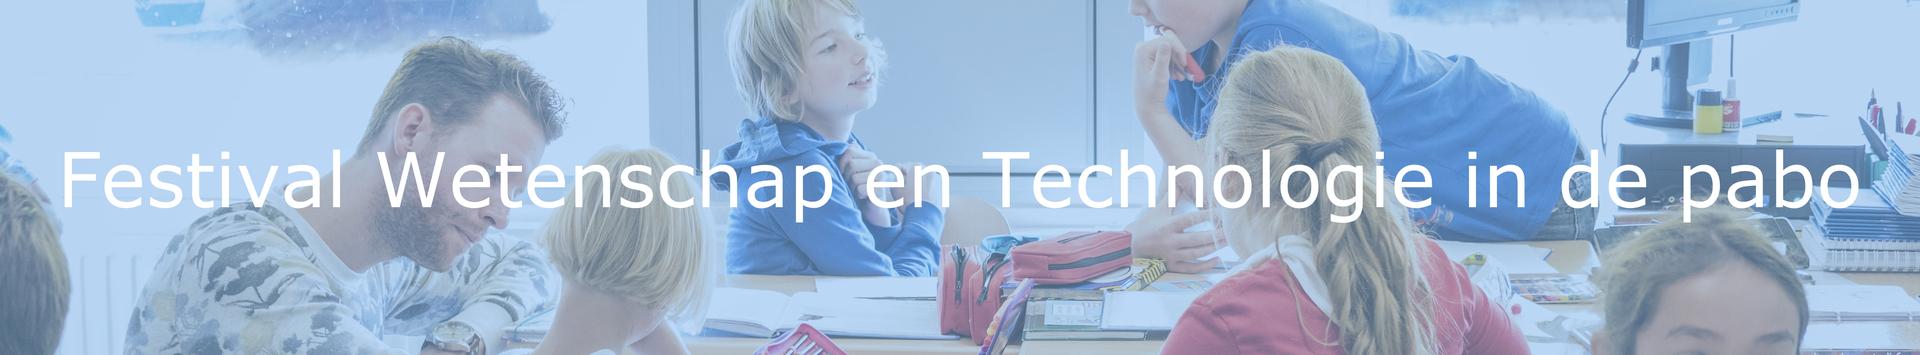 Festival Wetenschap en Technologie in de pabo